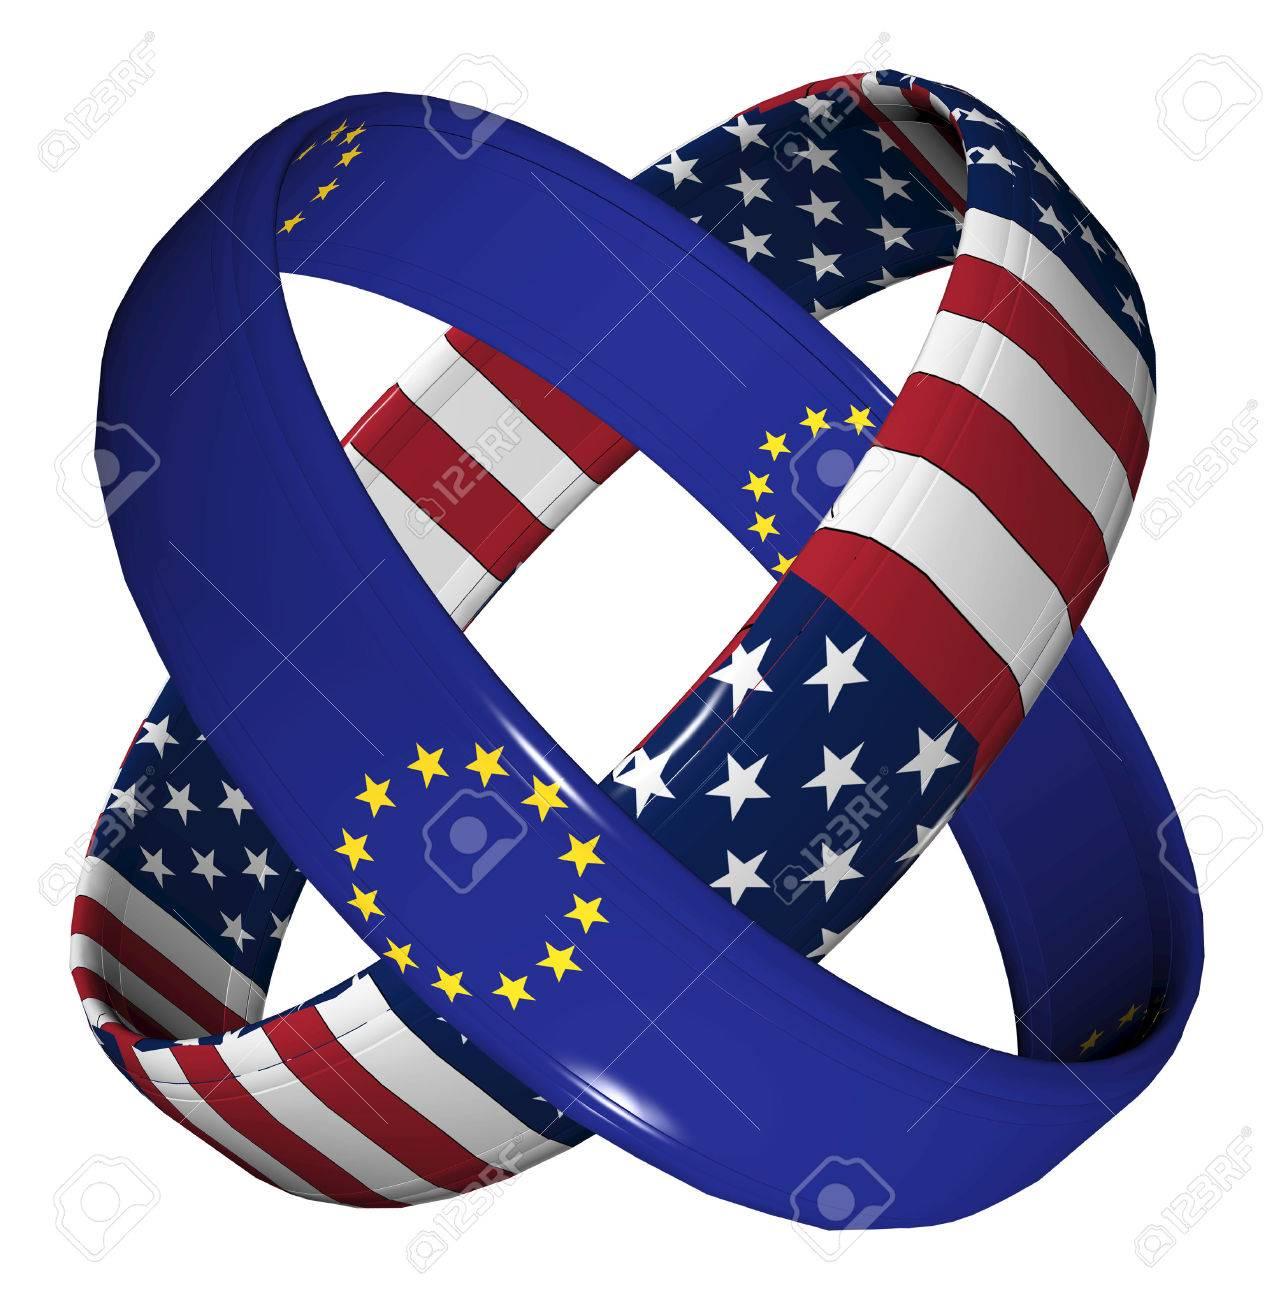 Trade Agreement Usa And Eu Symbol For The Transatlantic Trade